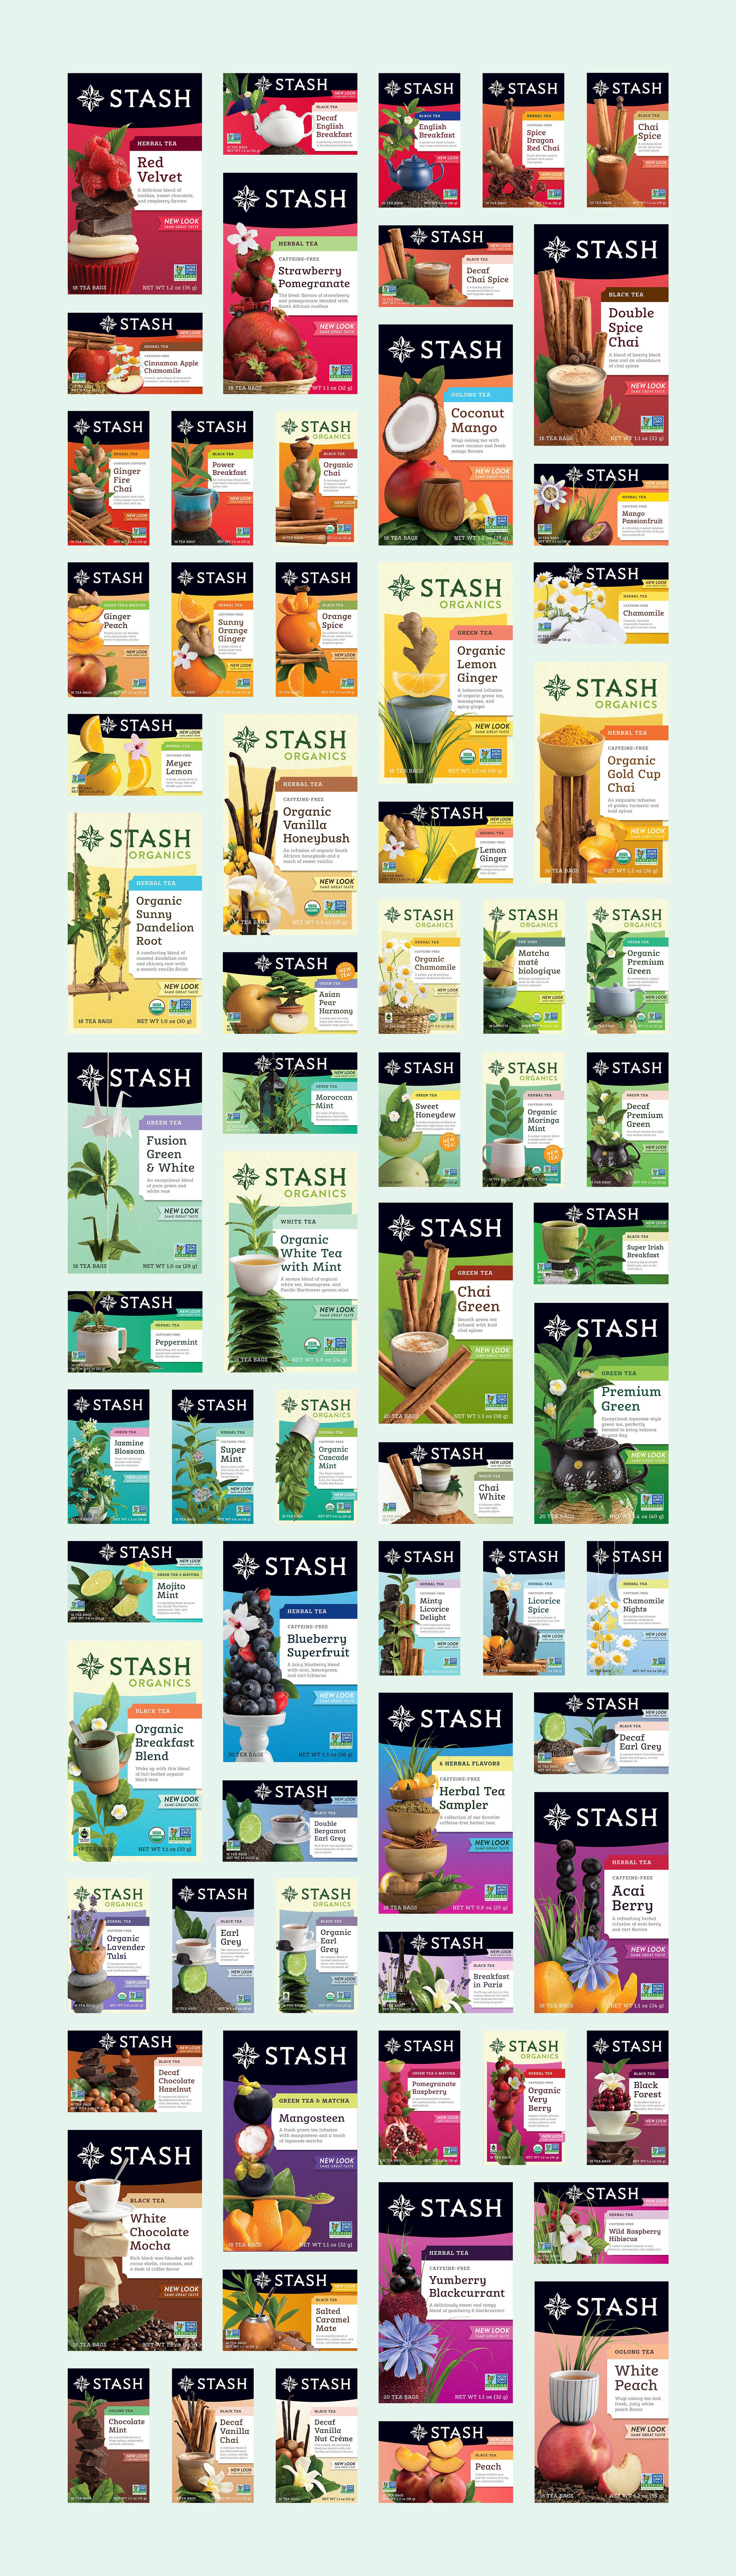 Stash_Pack_Display_Wide.jpg